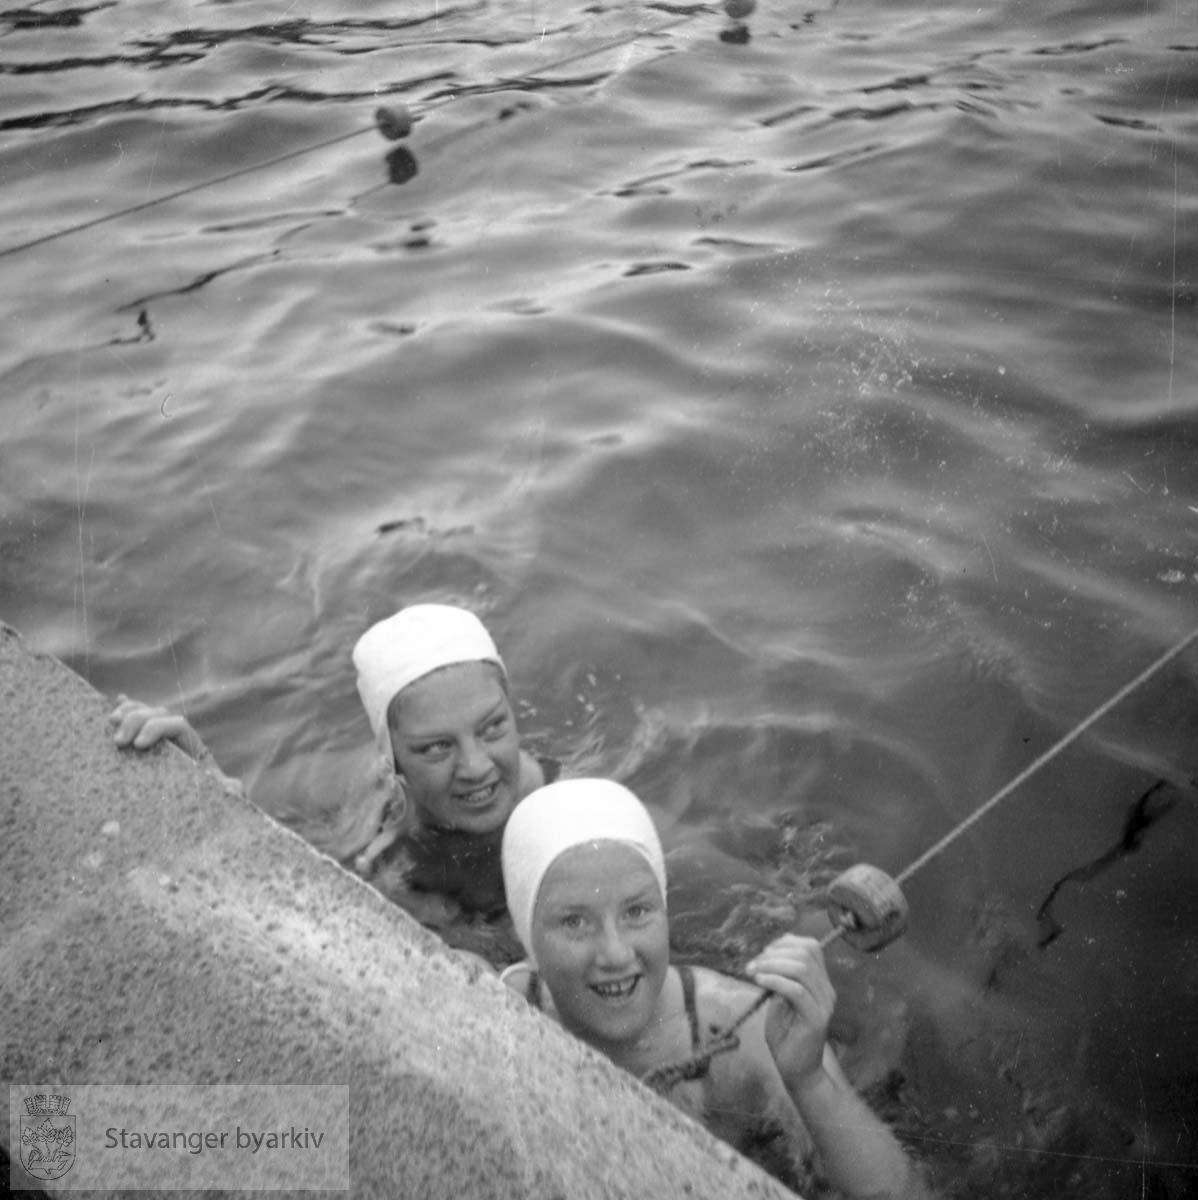 Familiesvømming eller firmasvømming (D.S.D.) i Strømvik bad .Strømvig bad / Strømvik bad